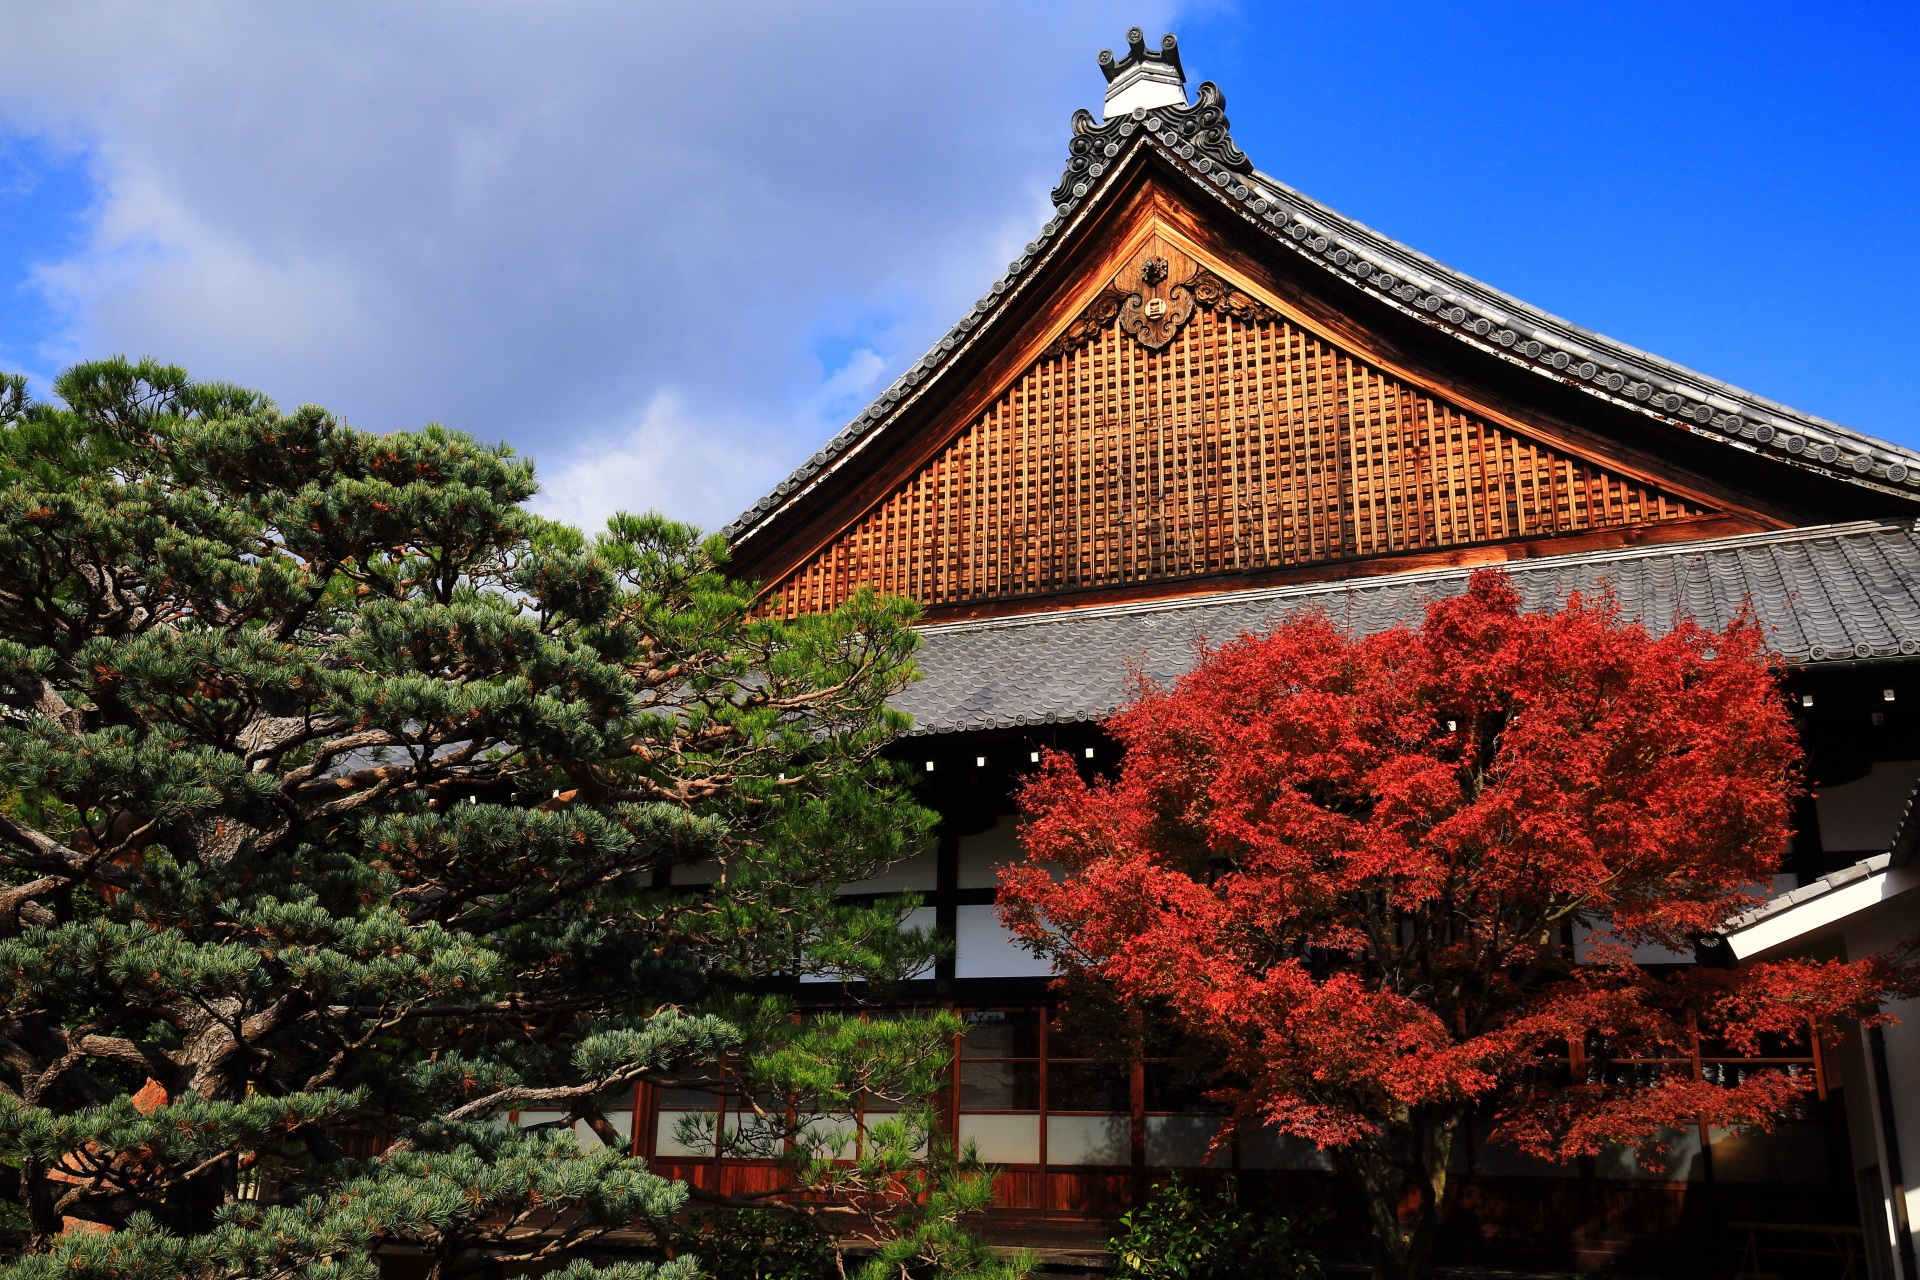 青空と本堂を背景にした妙覚寺の五葉の松と見ごろの紅葉